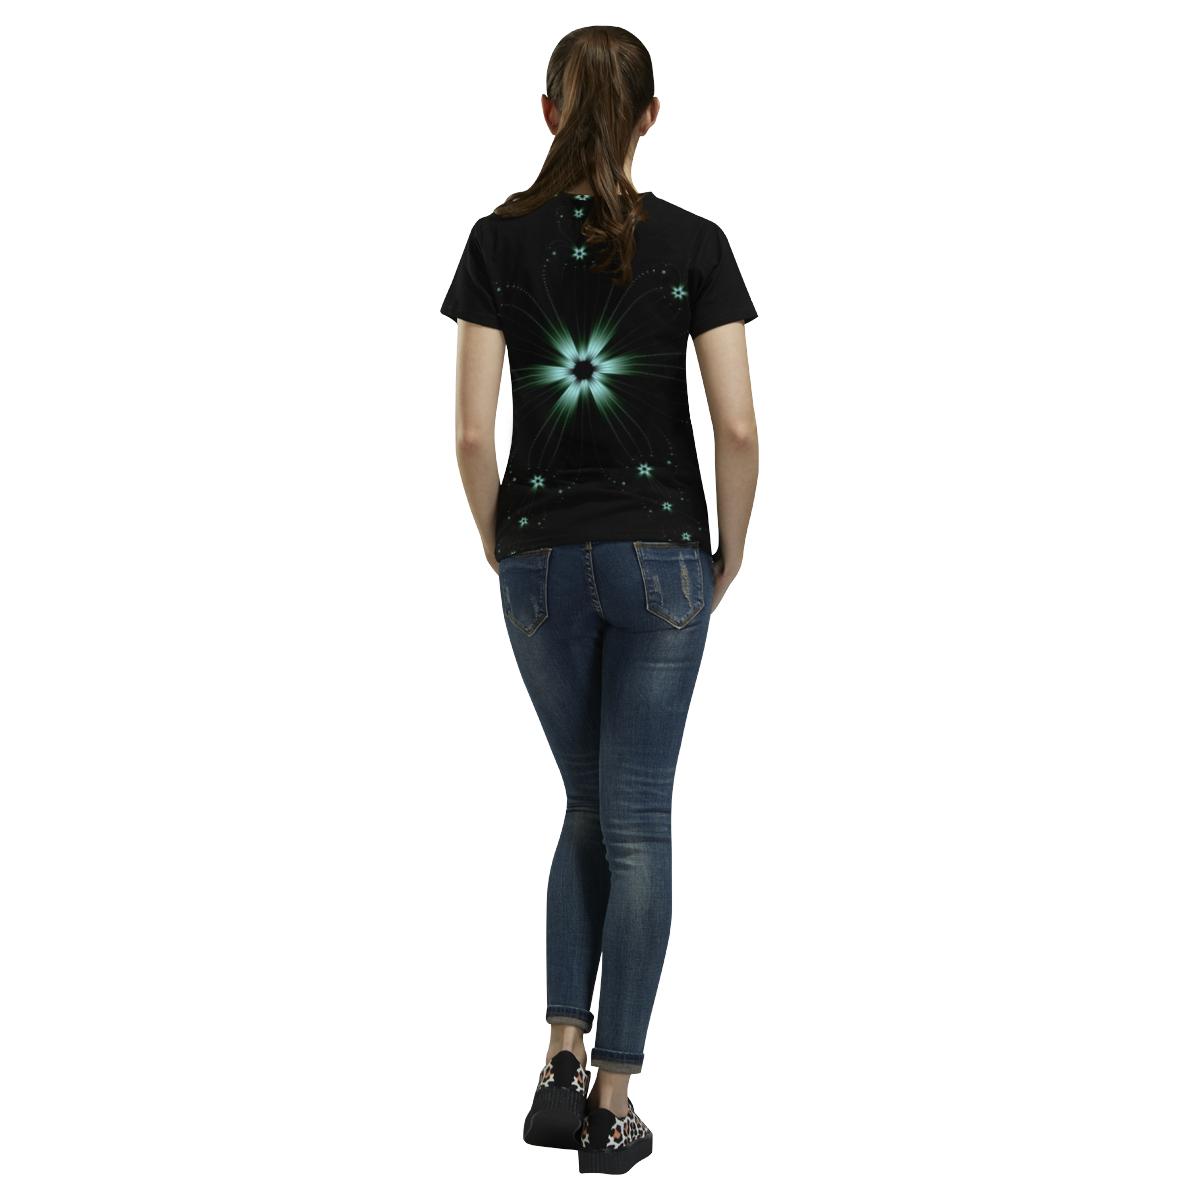 Teal Flower Burst All Over Print T-Shirt for Women (USA Size) (Model T40)